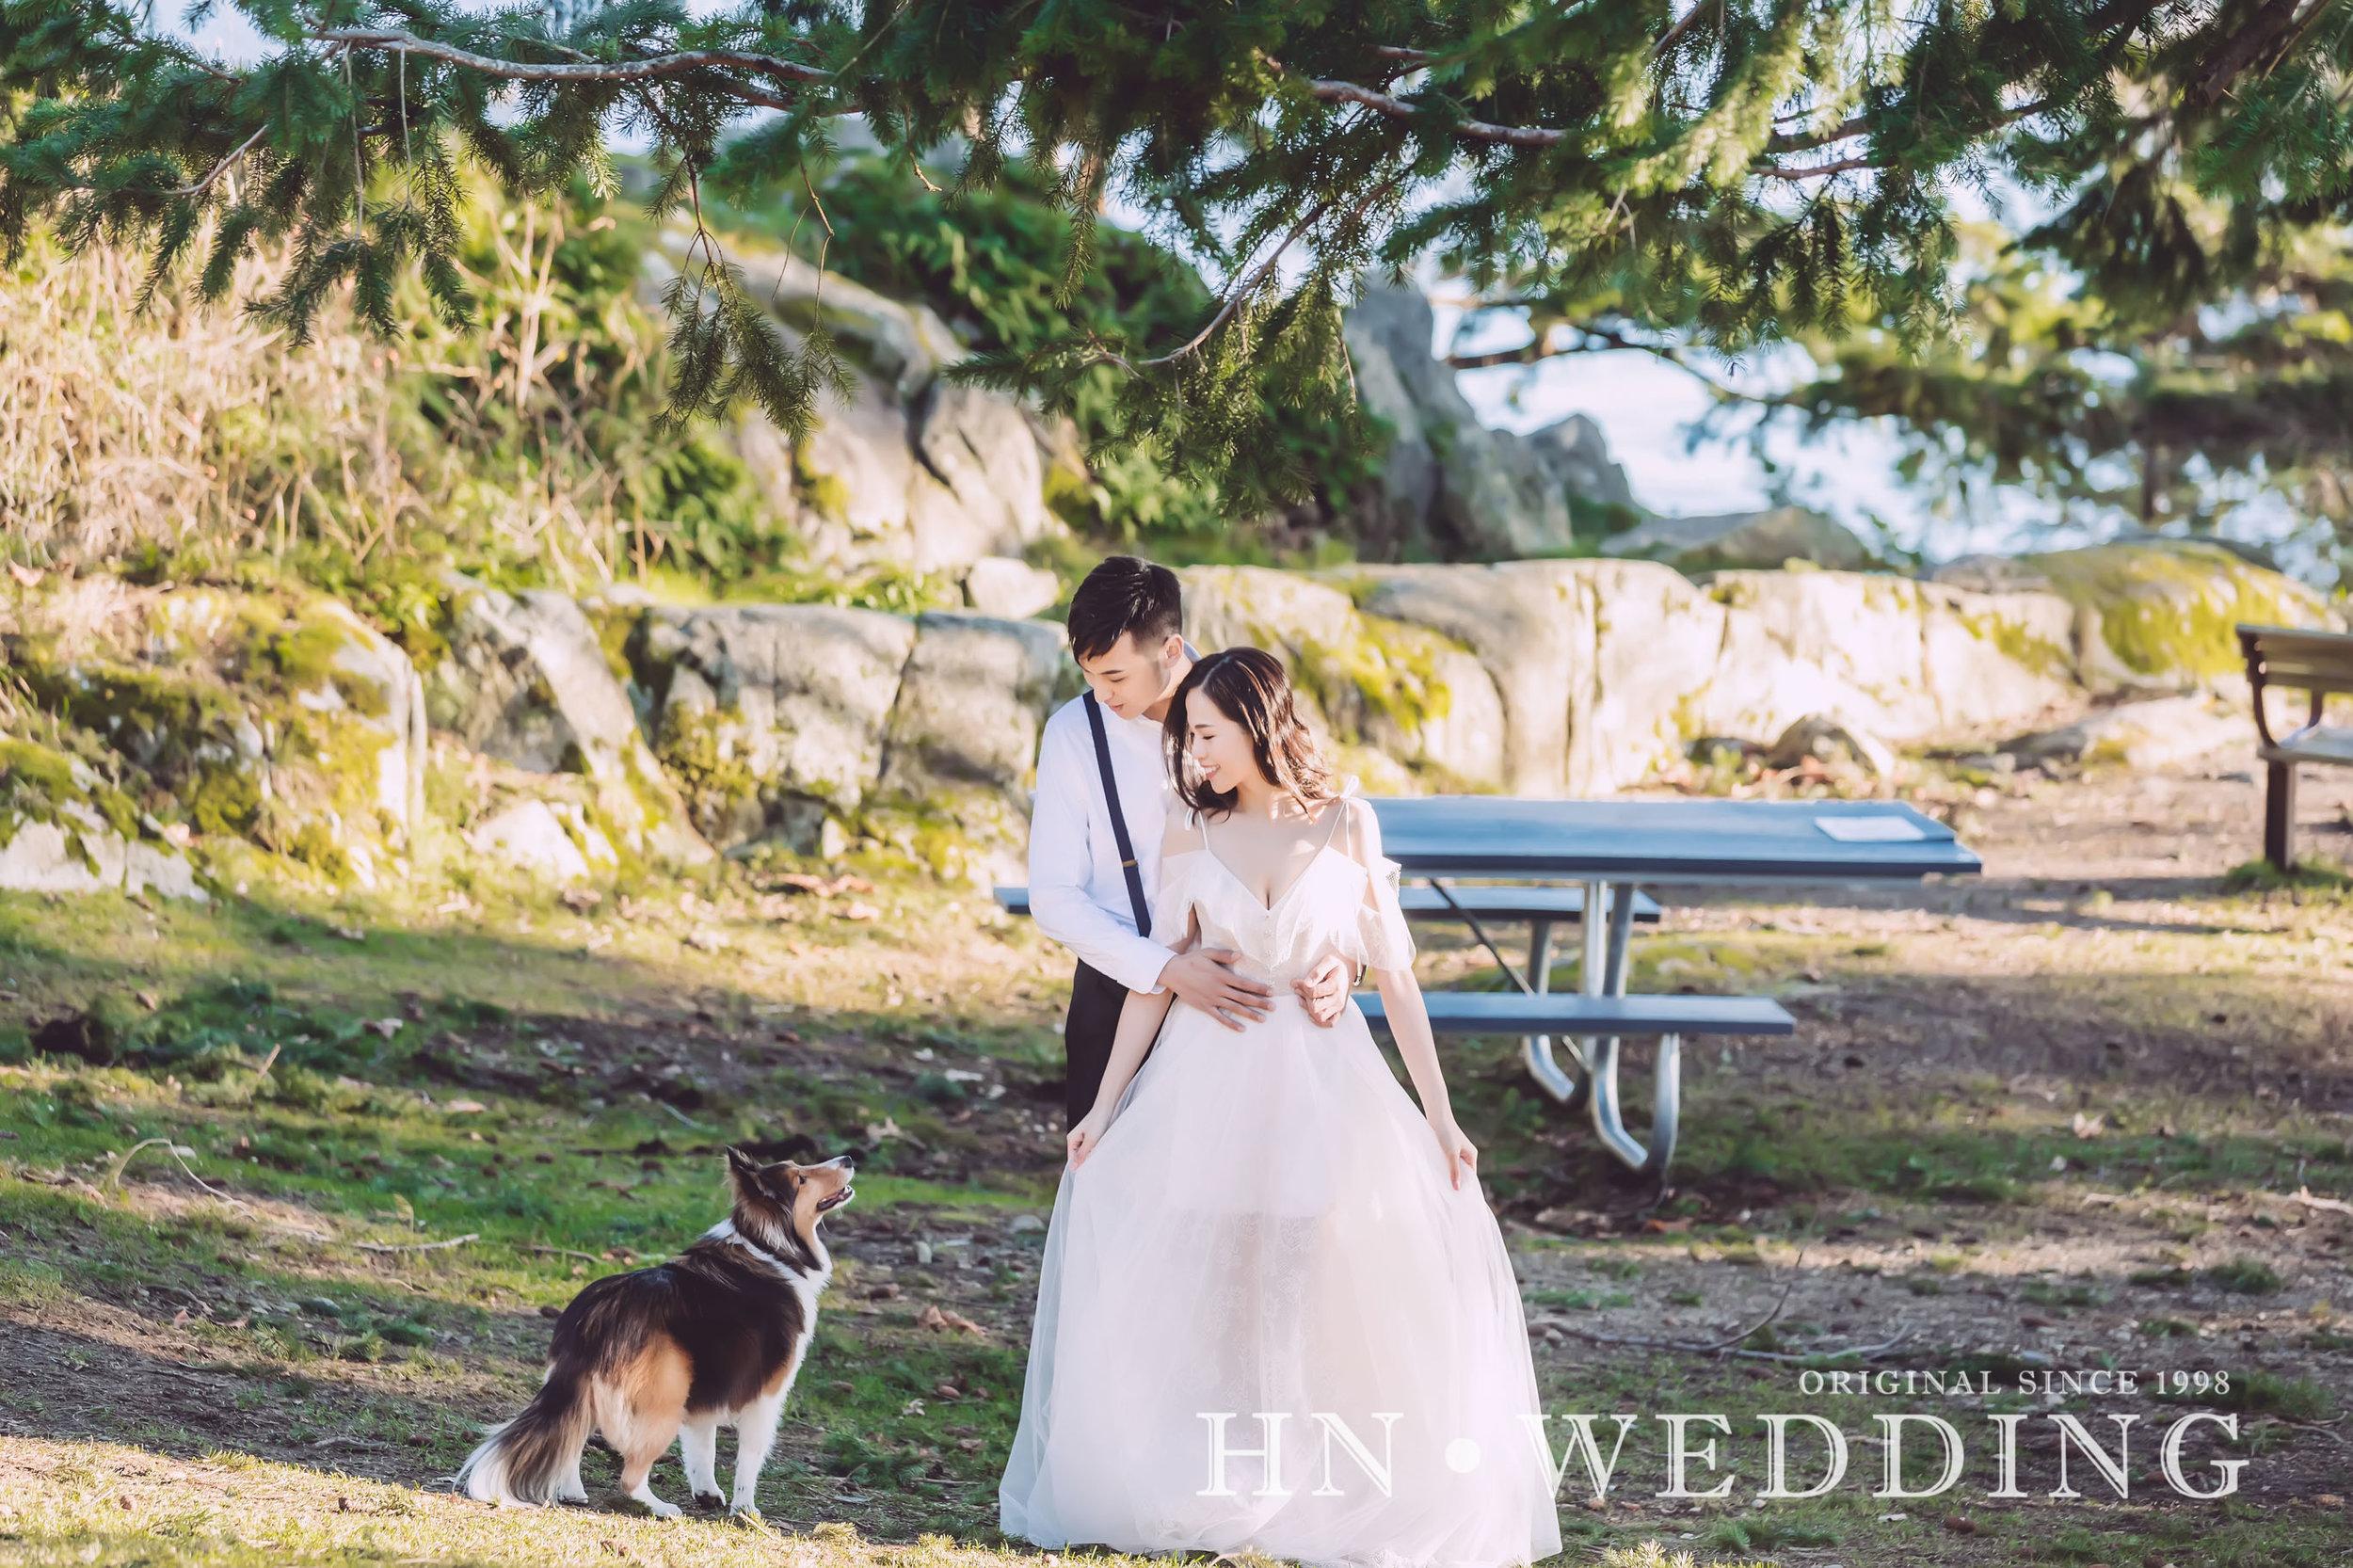 hnweddingprewedding20190220-44.jpg